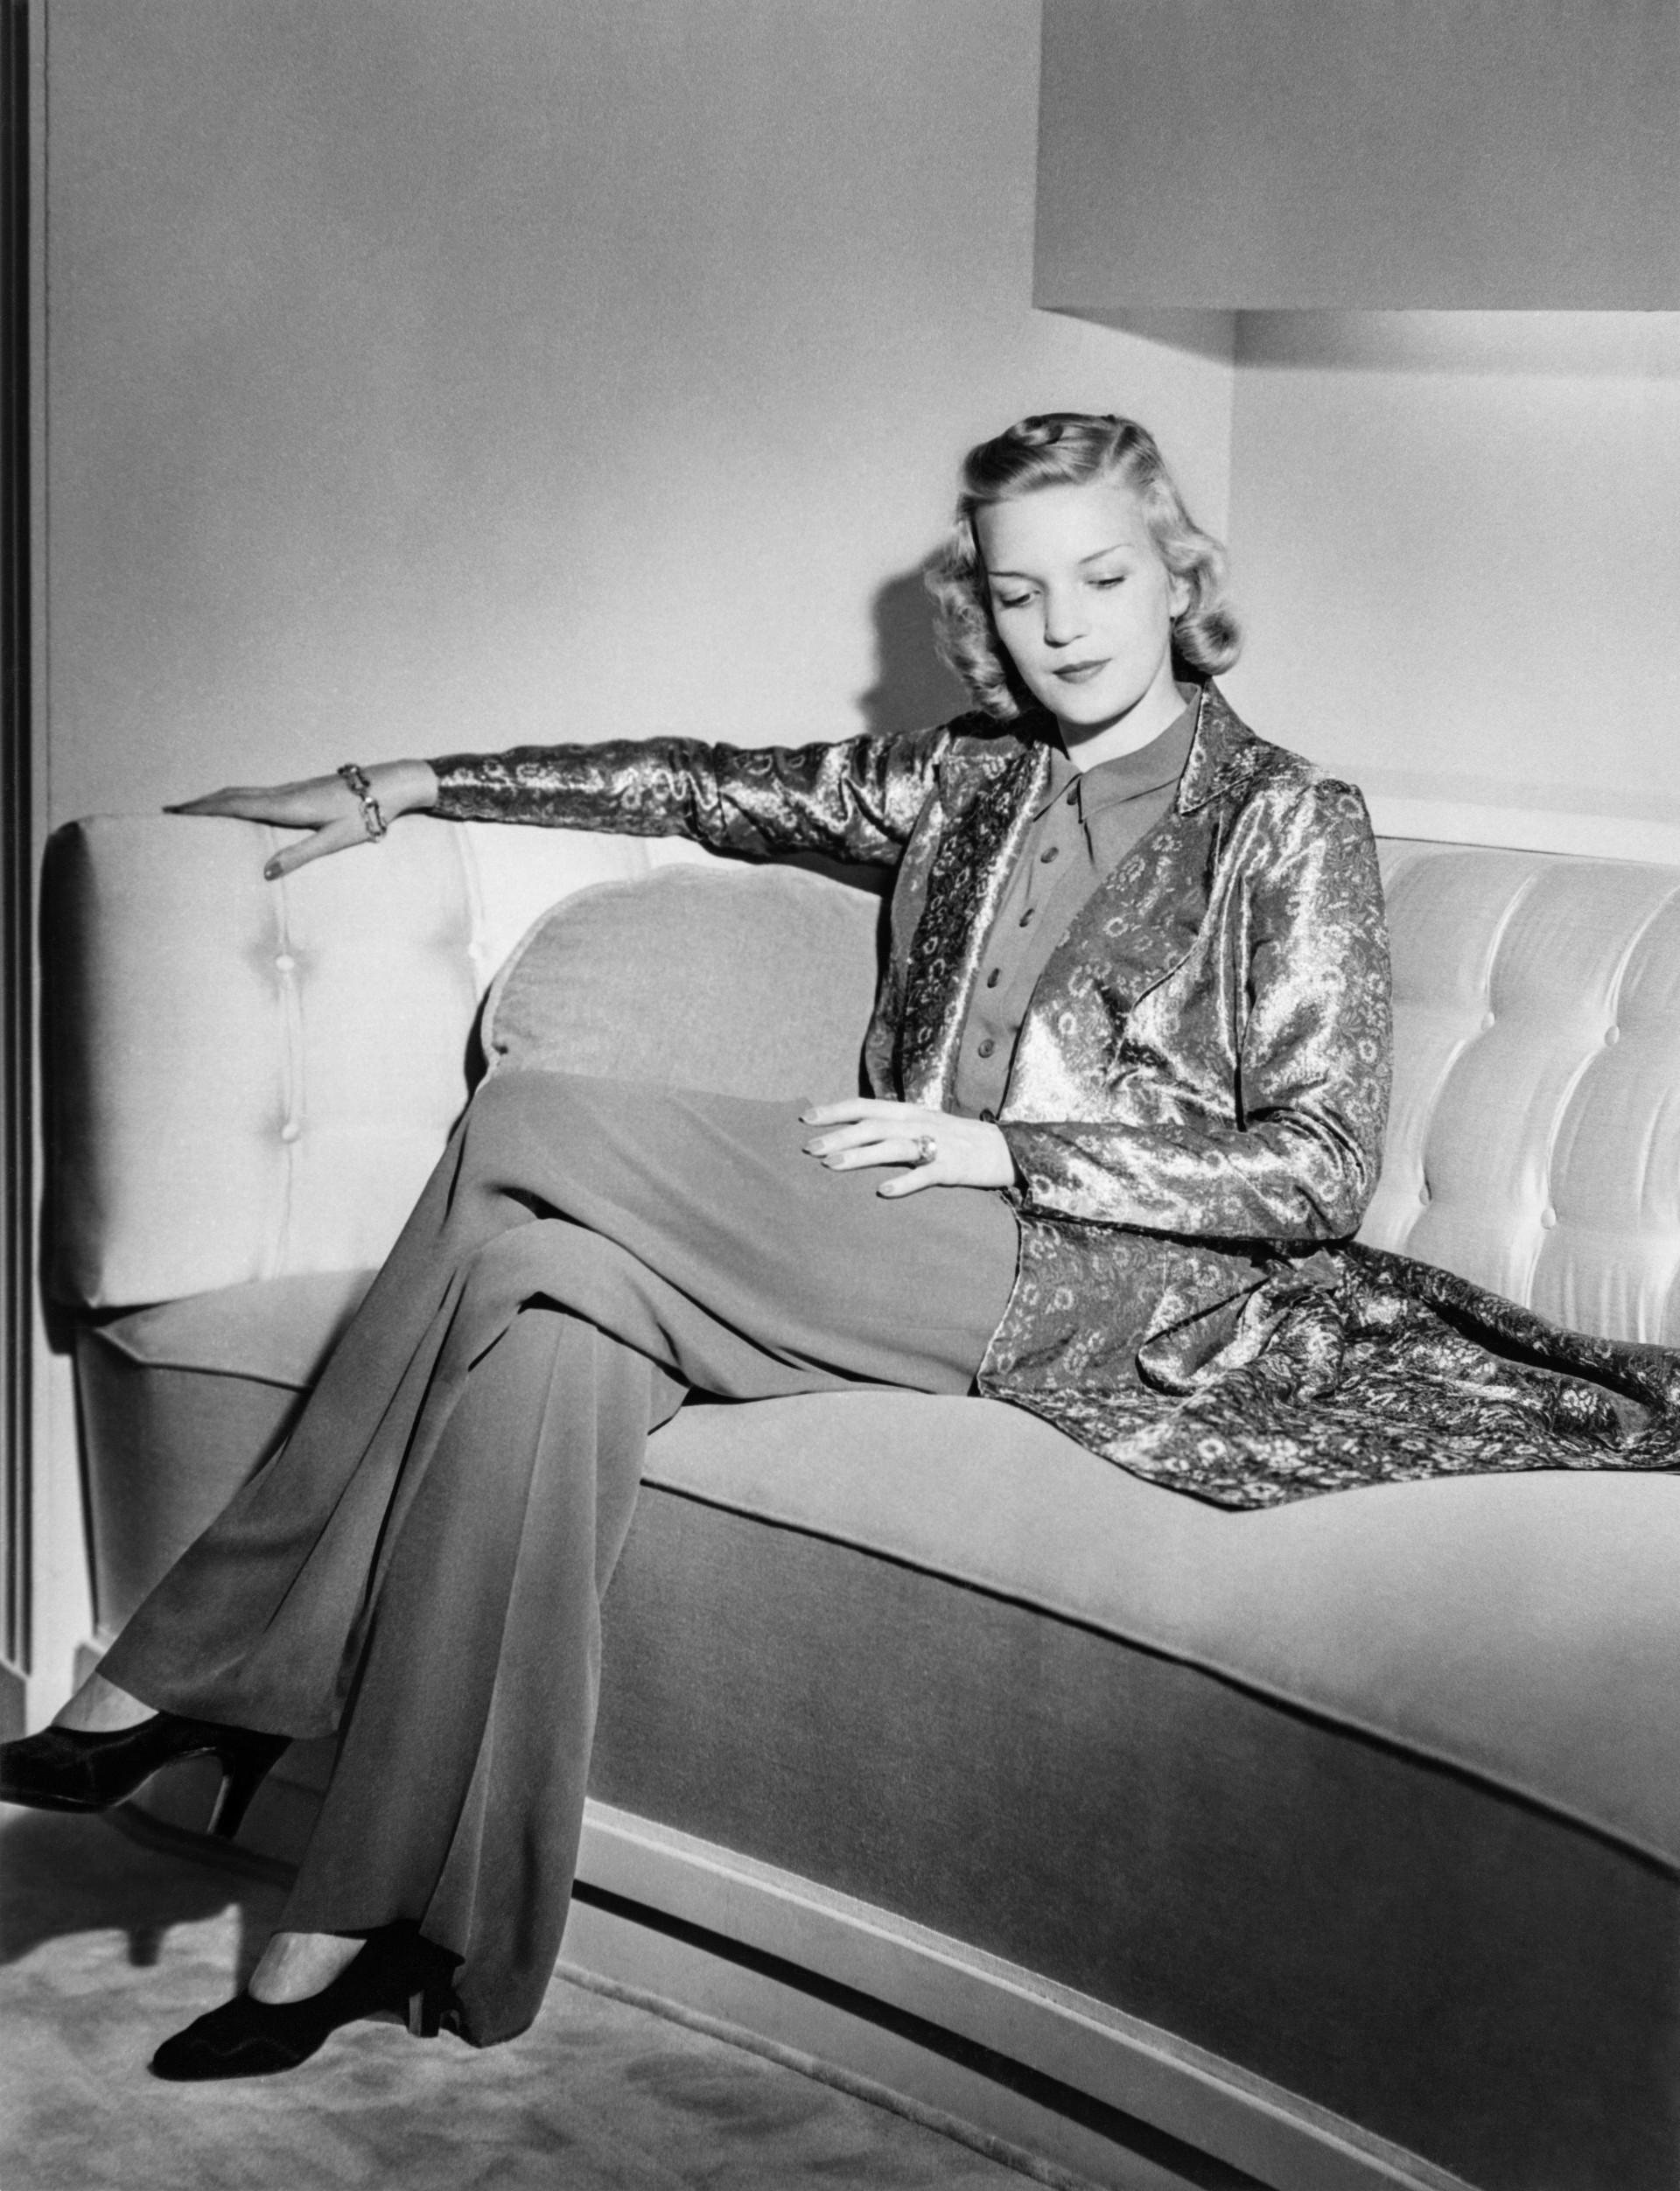 En mannekäng i långbyxa och lång kavaj sitter i en soffa